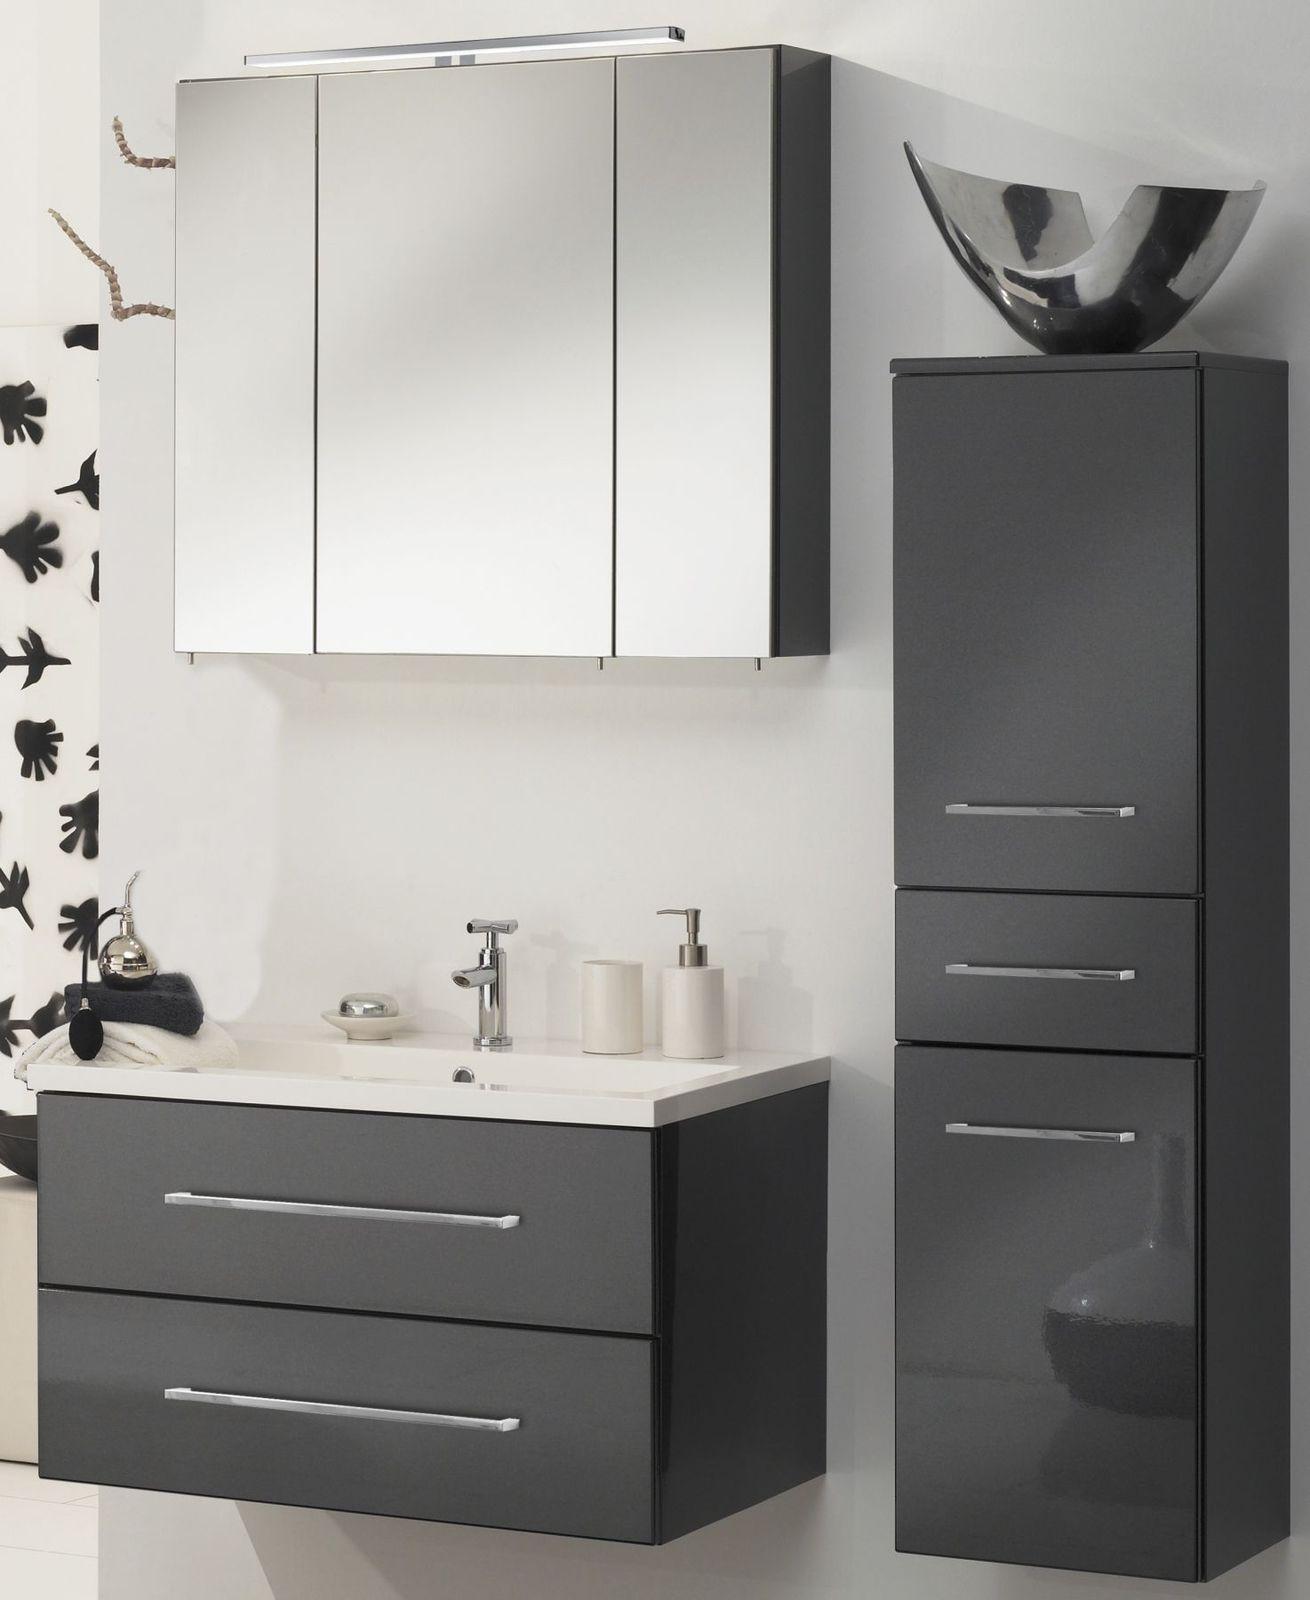 badm belset ramero badezimmer m bel spiegelschrank waschtisch badset ram ant kaufen bei. Black Bedroom Furniture Sets. Home Design Ideas